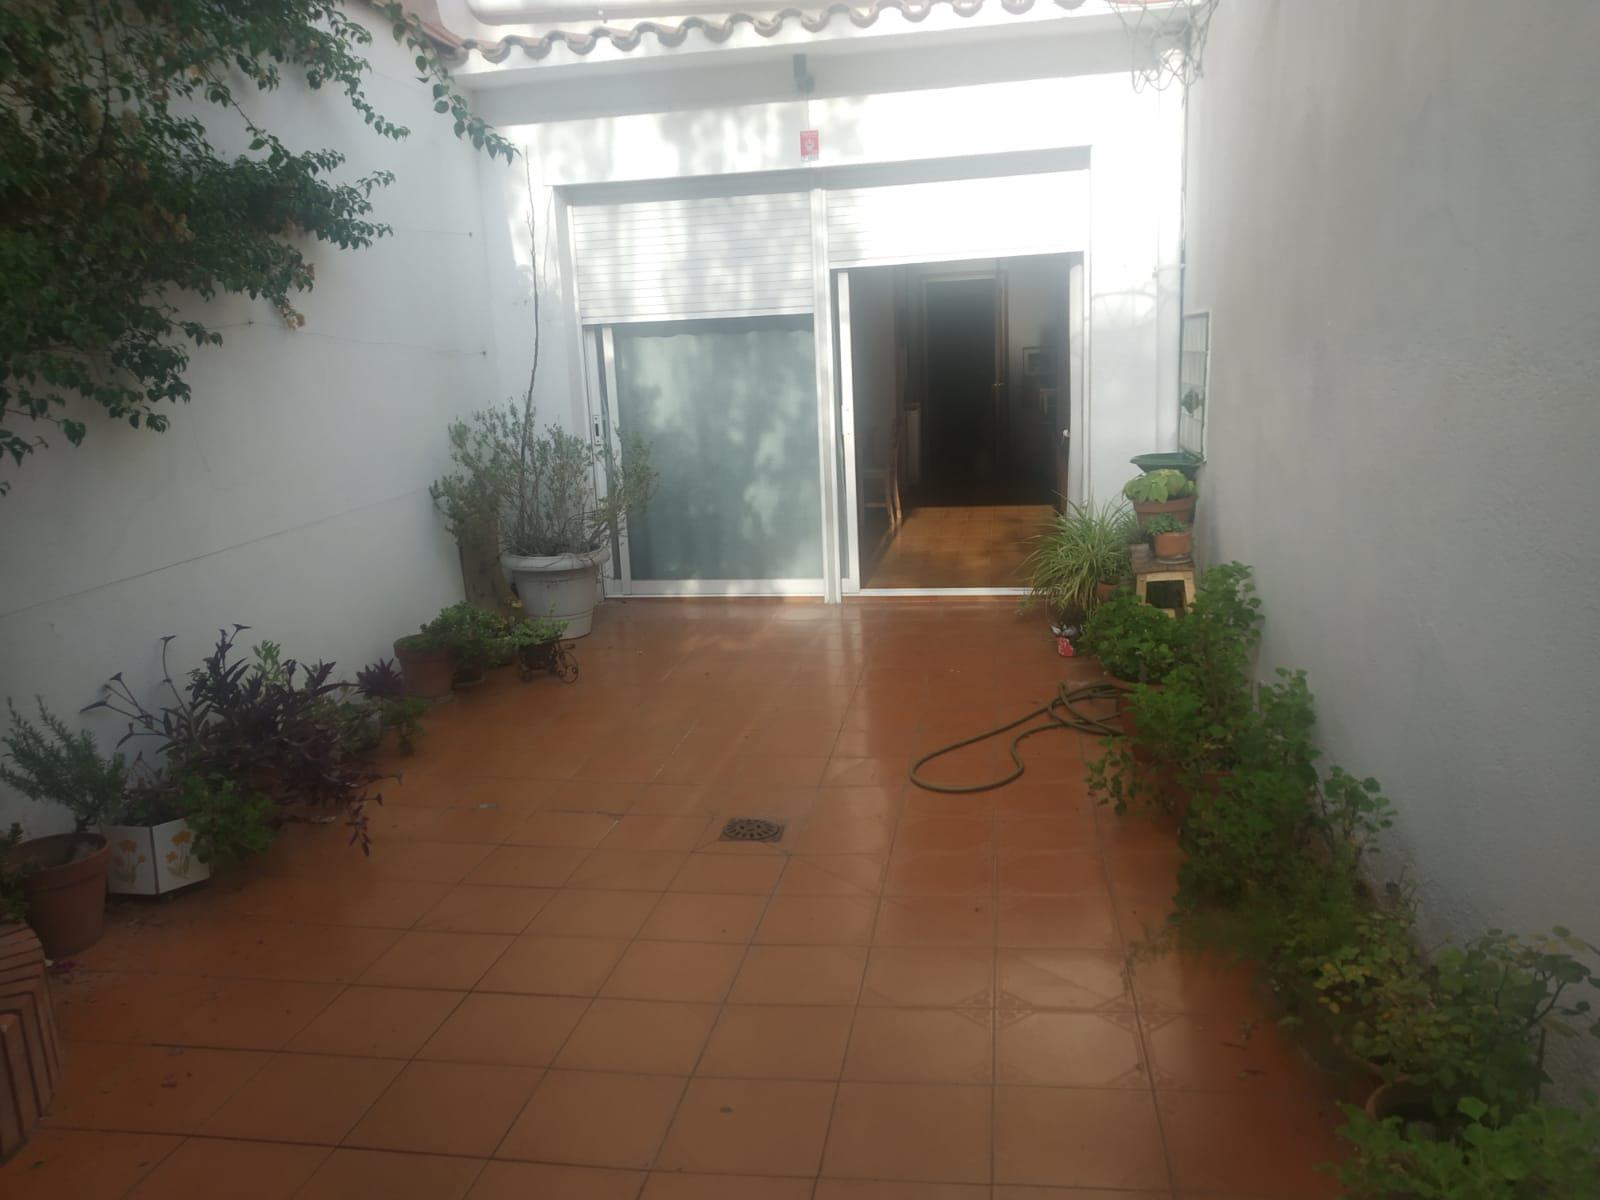 230863 - Junto Avda Barbera